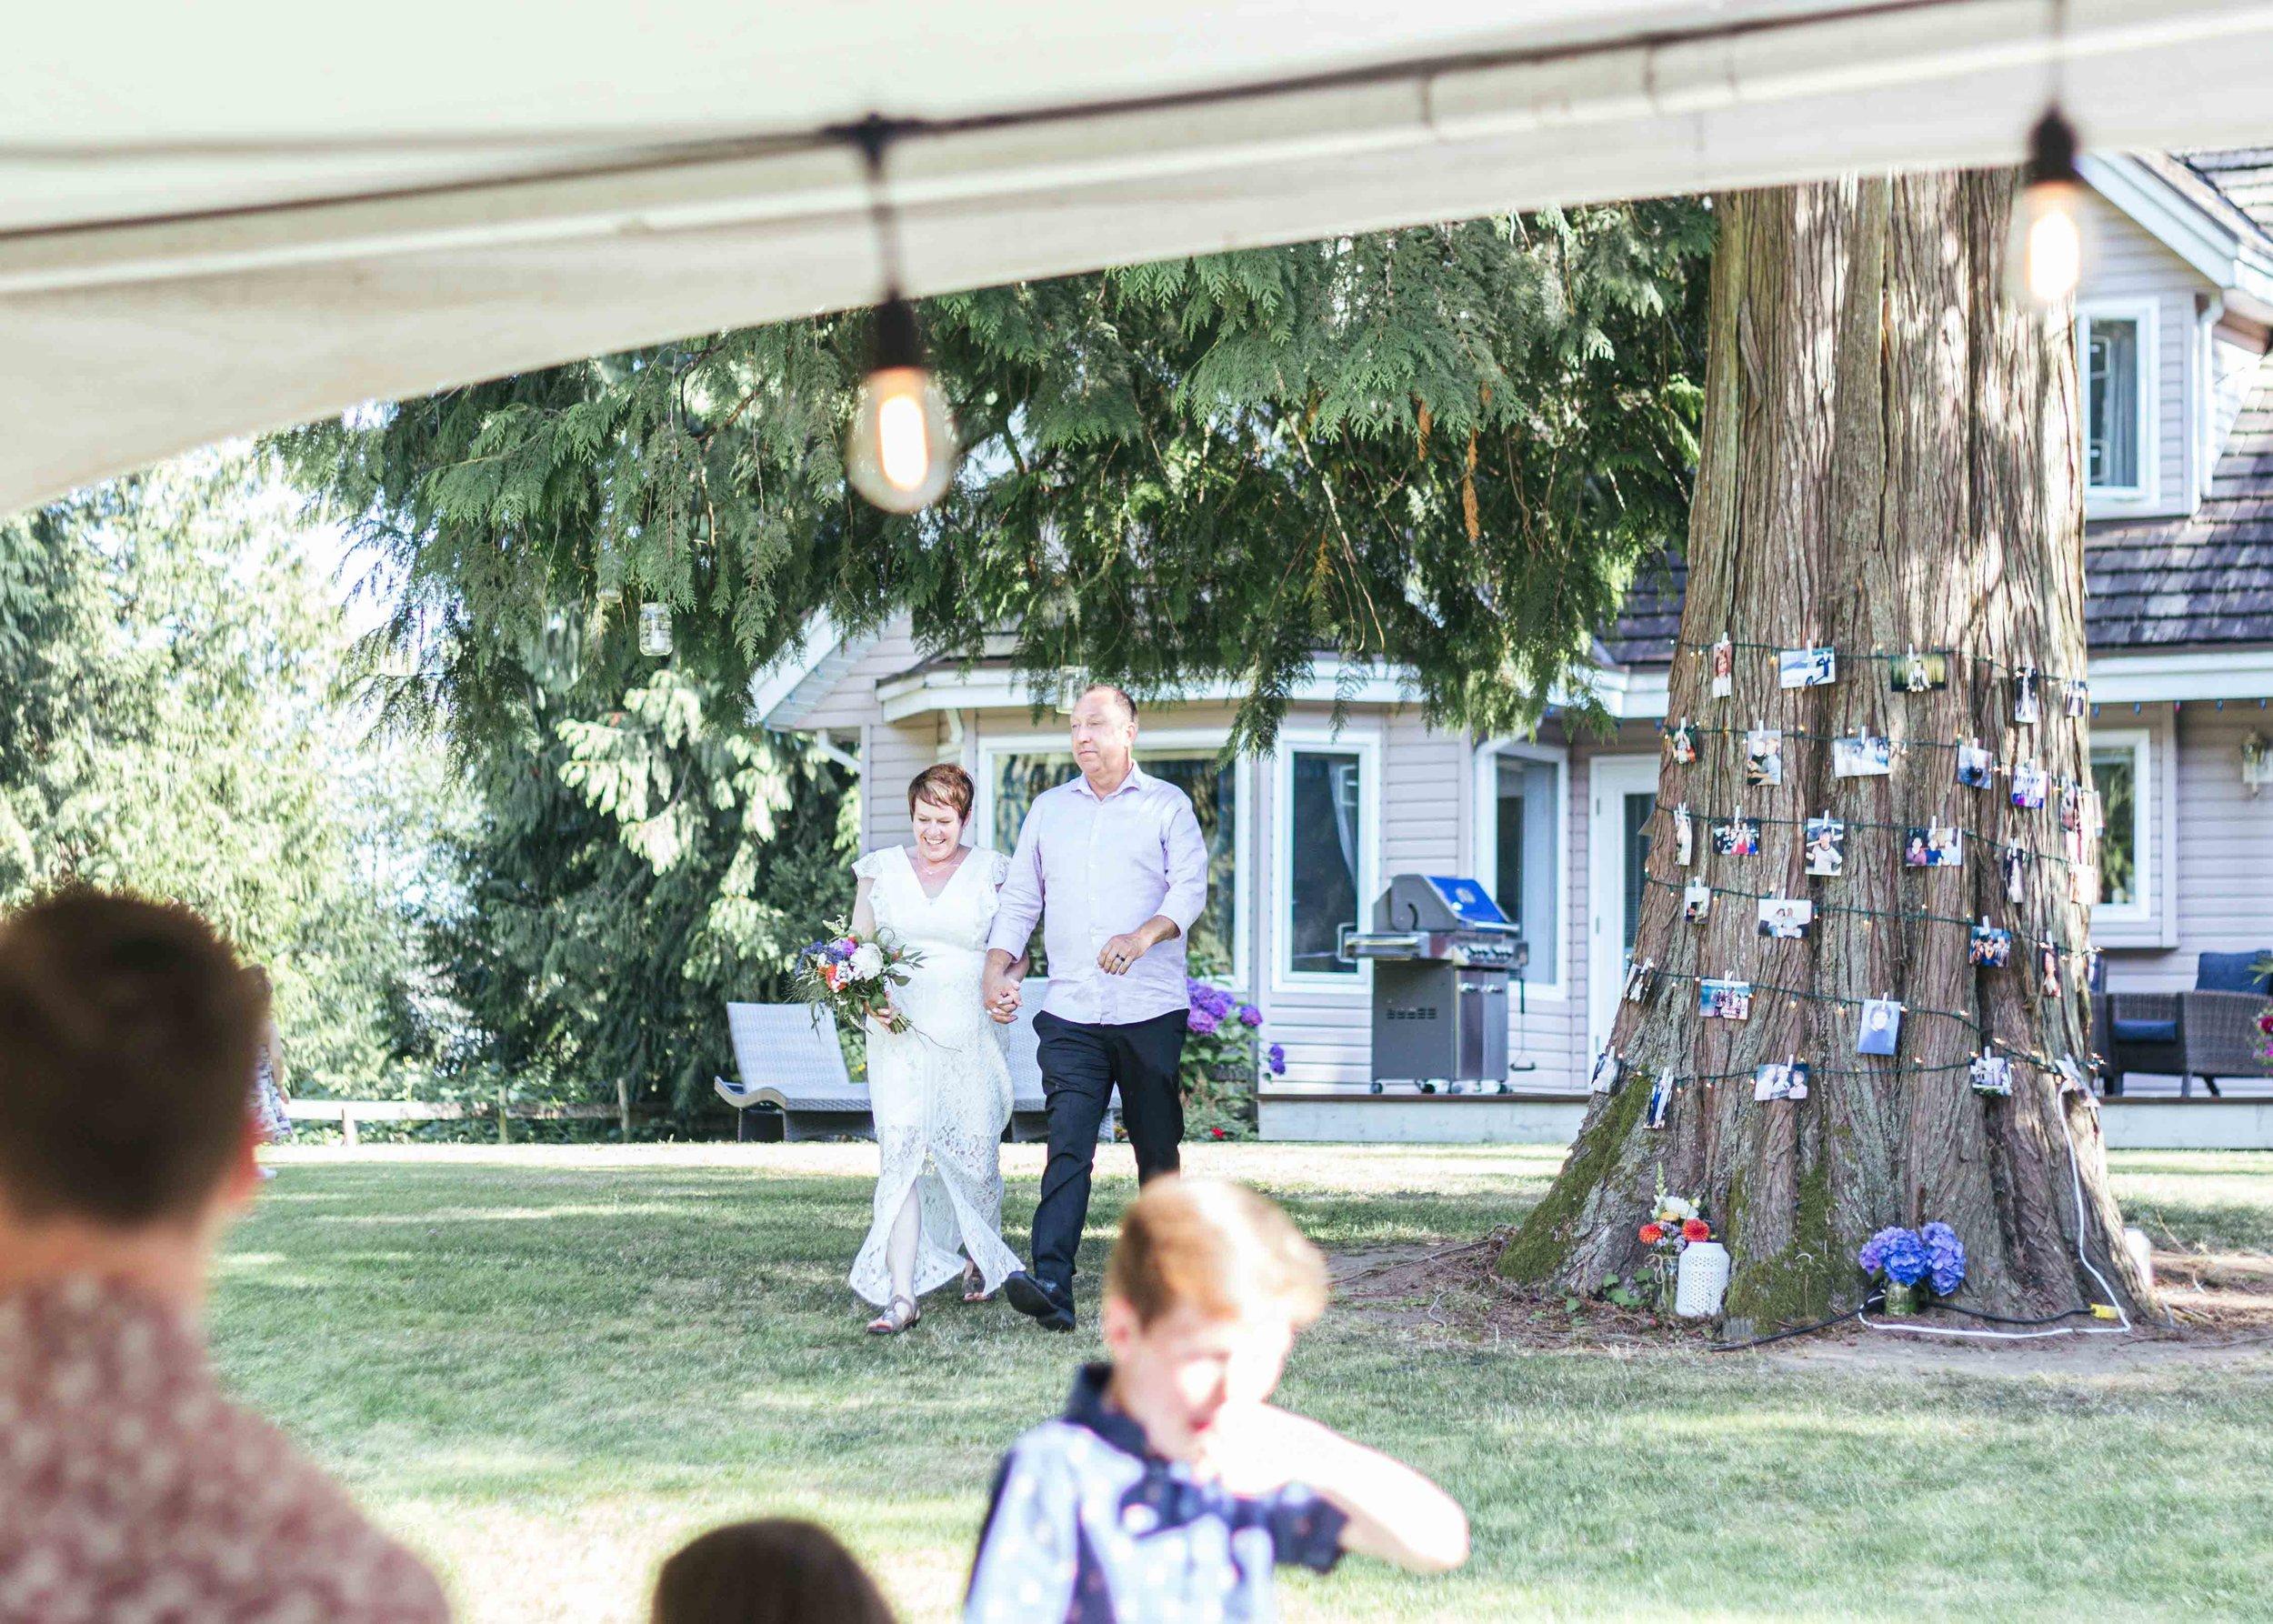 carla_darren_wedding_sophia_hsin_photography-277.jpg